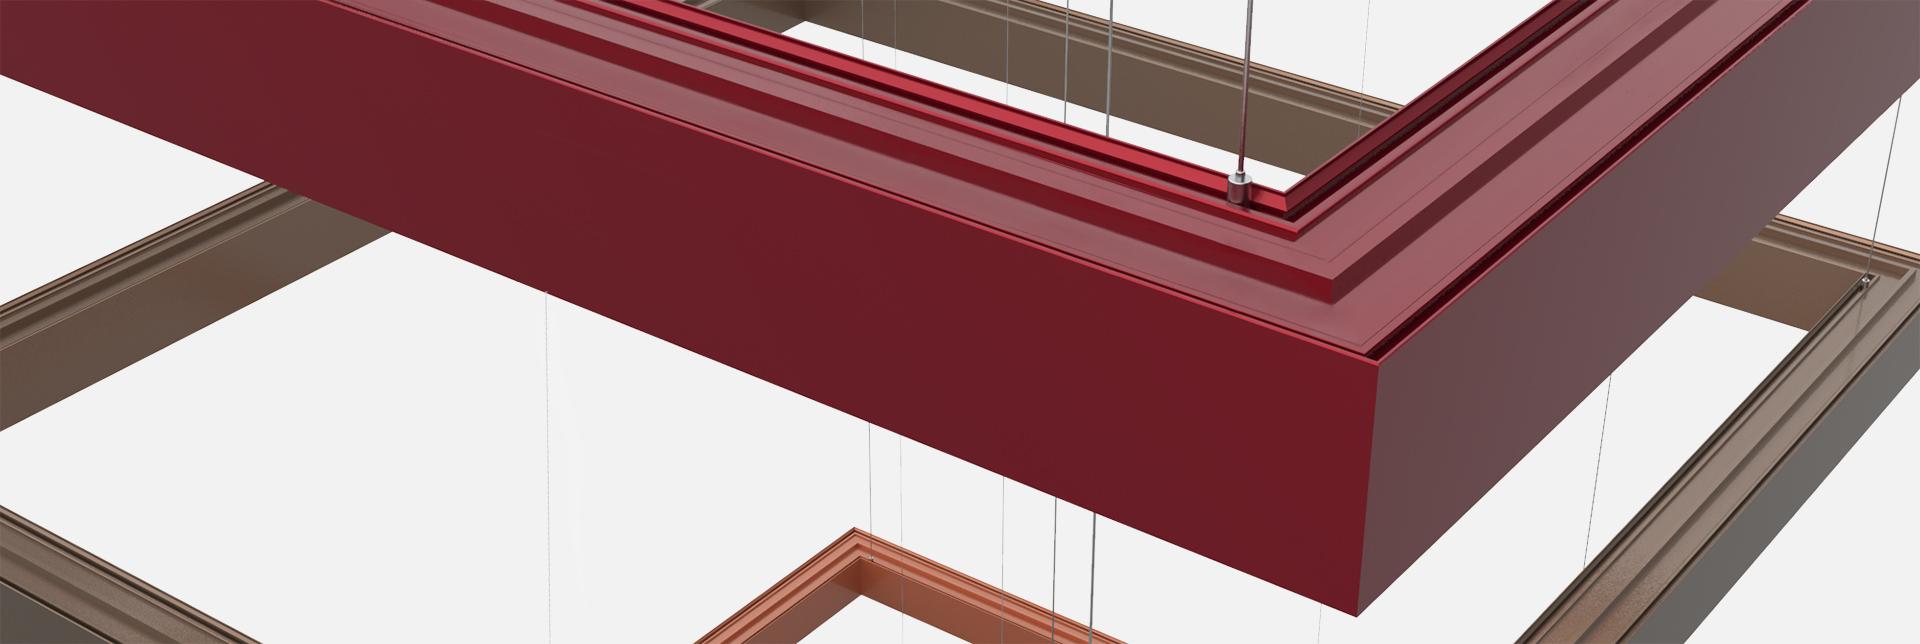 Tarf Suspended - Banner Detail.jpg